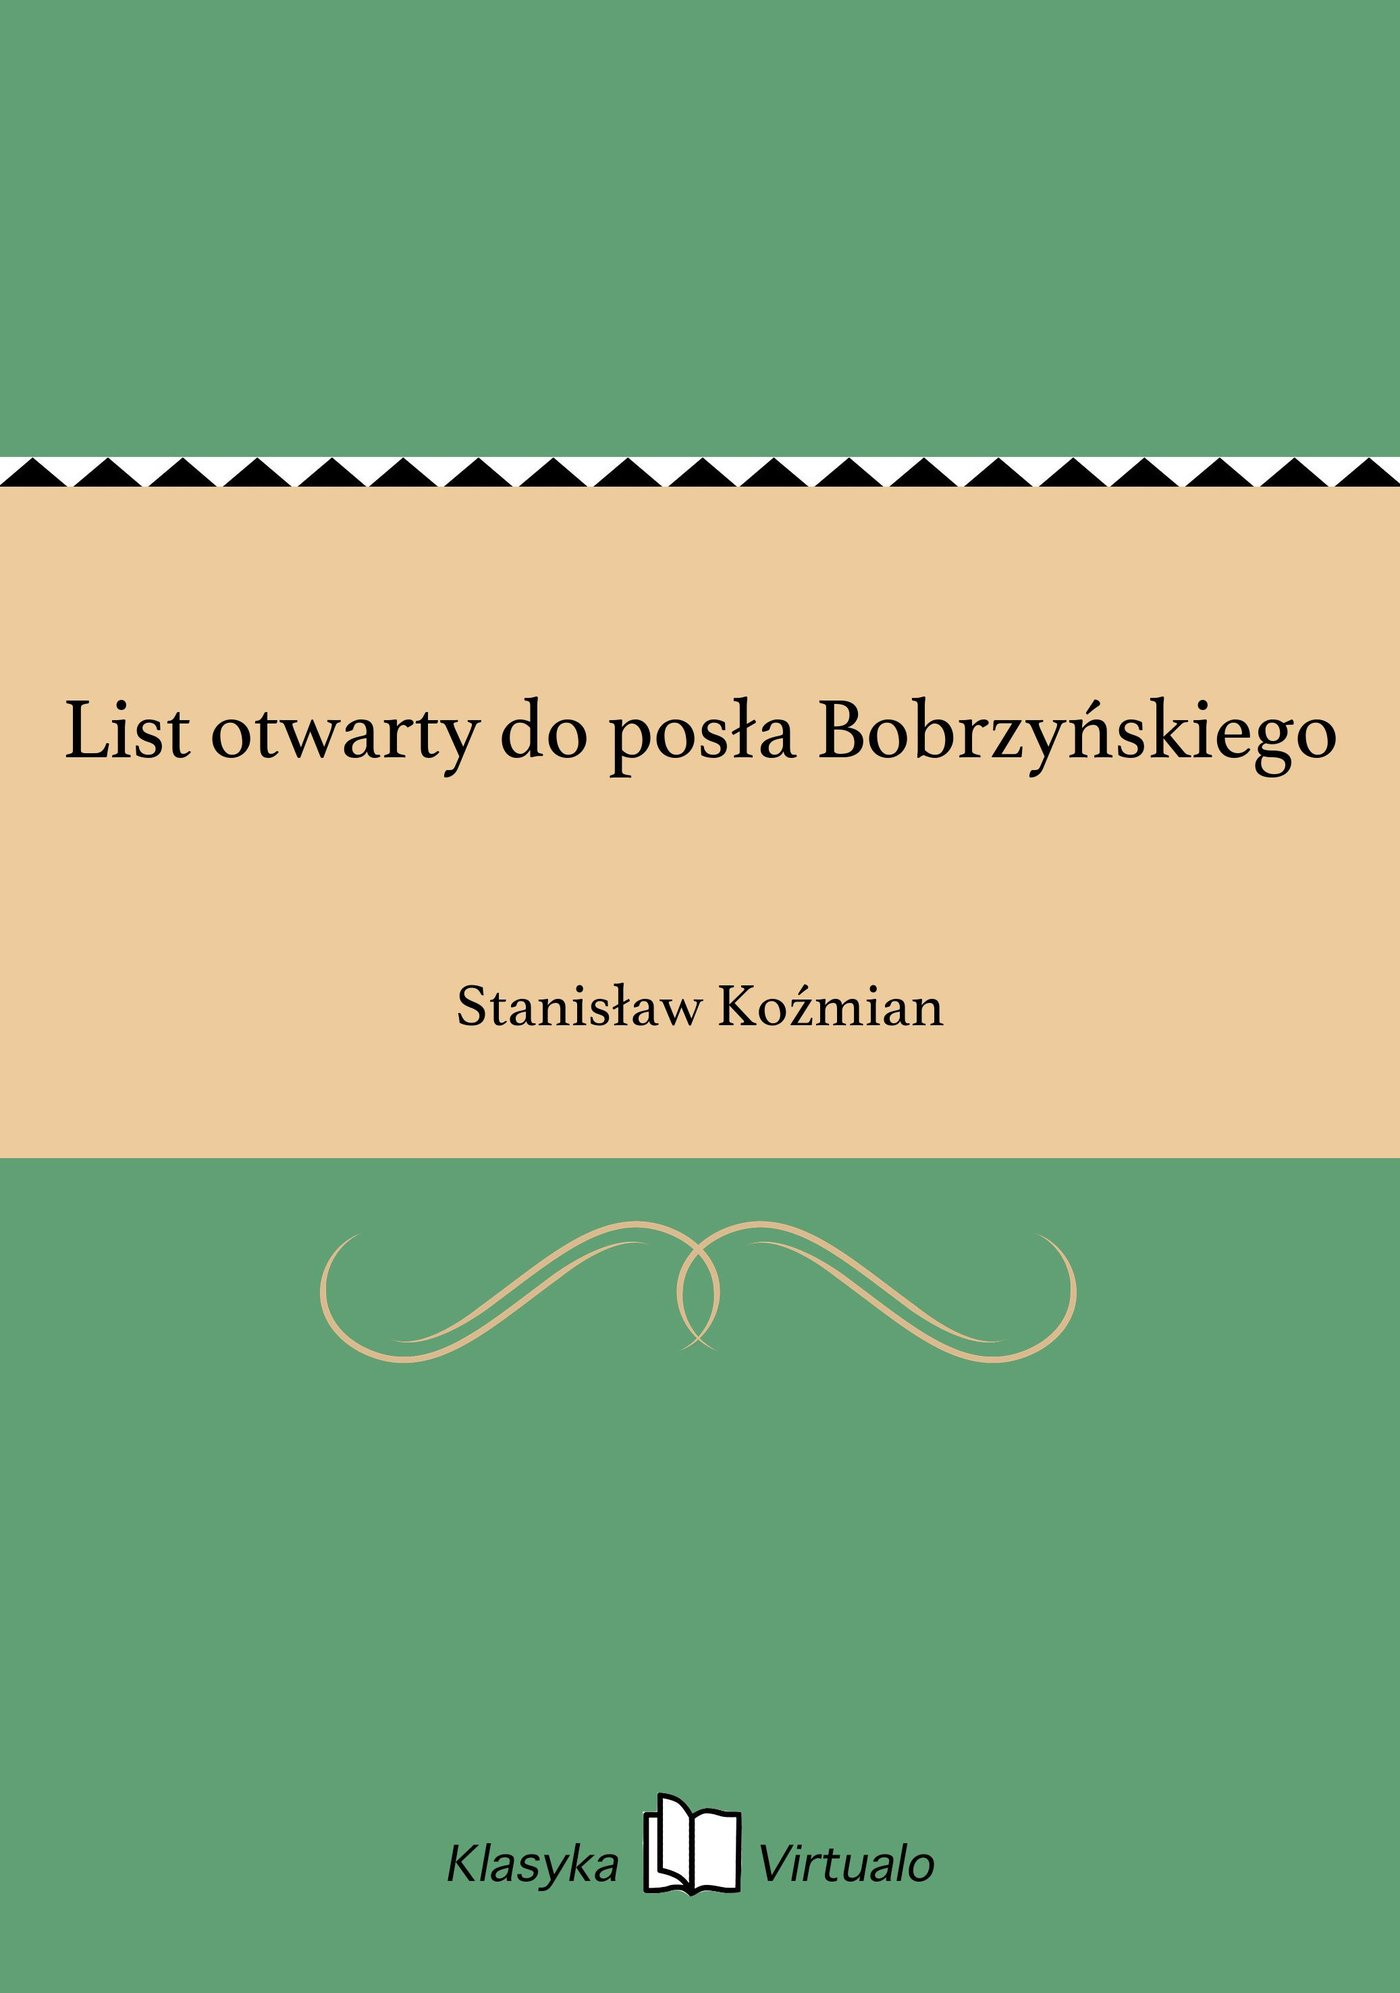 List otwarty do posła Bobrzyńskiego - Ebook (Książka EPUB) do pobrania w formacie EPUB